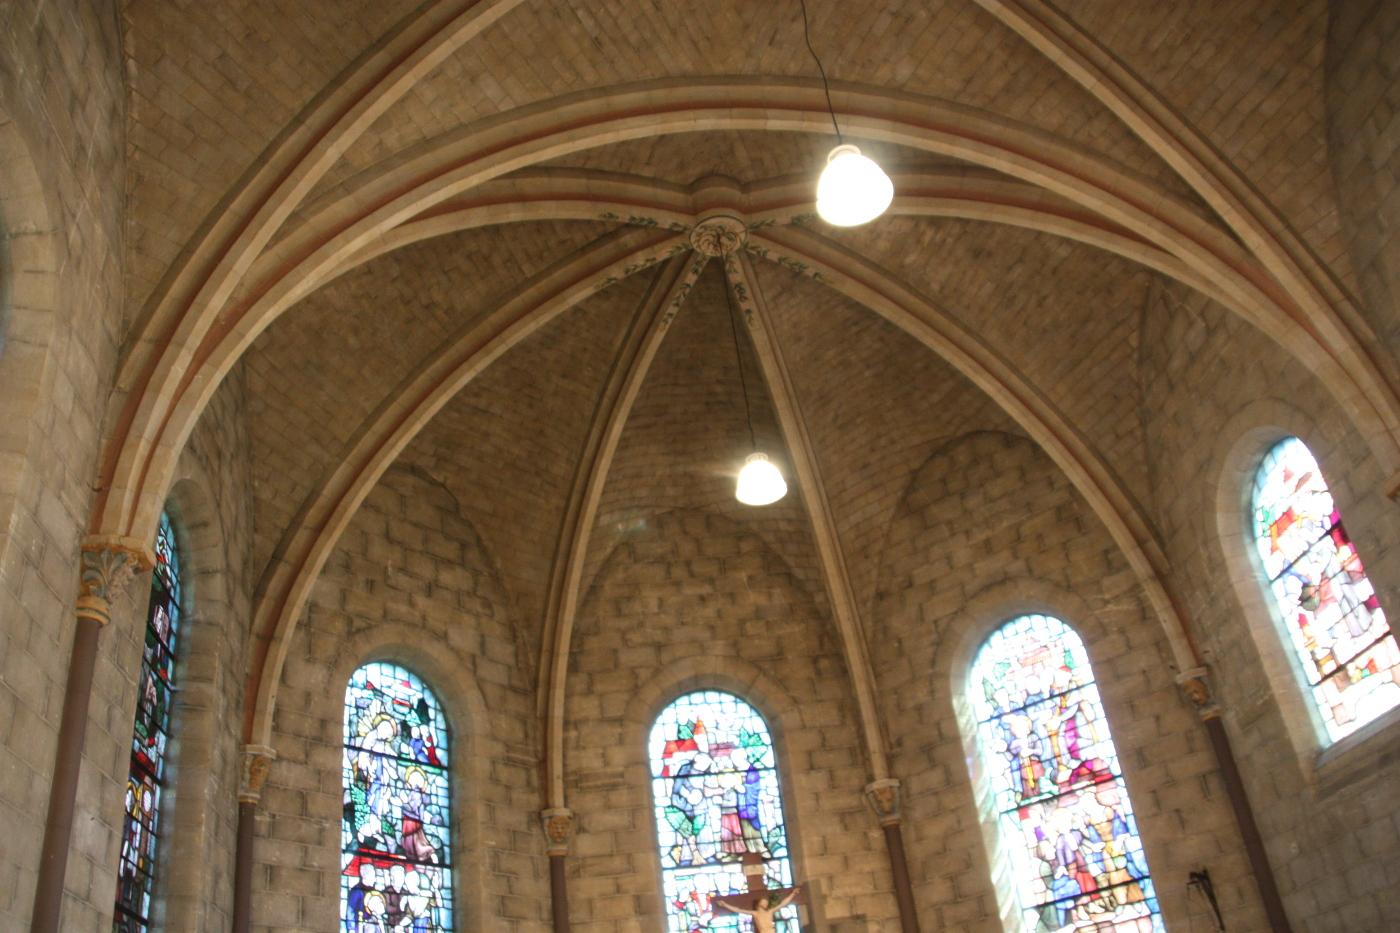 Herbestemming Bernadettekerk Landgraaf naar zorgwoningen plafond priesterkoor- BEELEN CS architecten Eindhoven